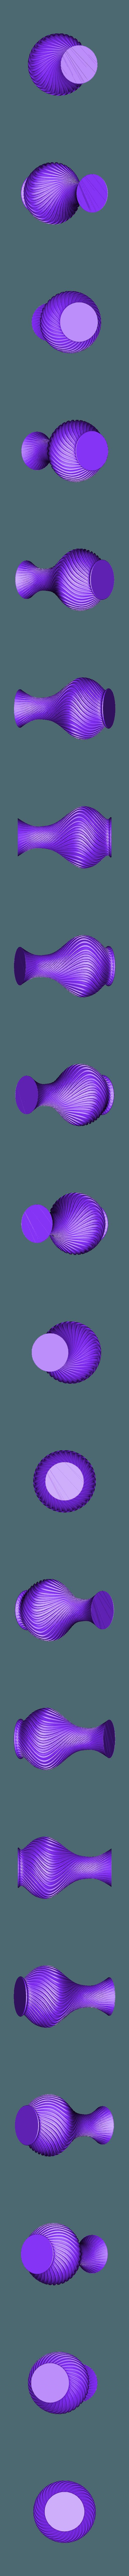 vase_M.stl Download free STL file Vase • Object to 3D print, montuparmar1